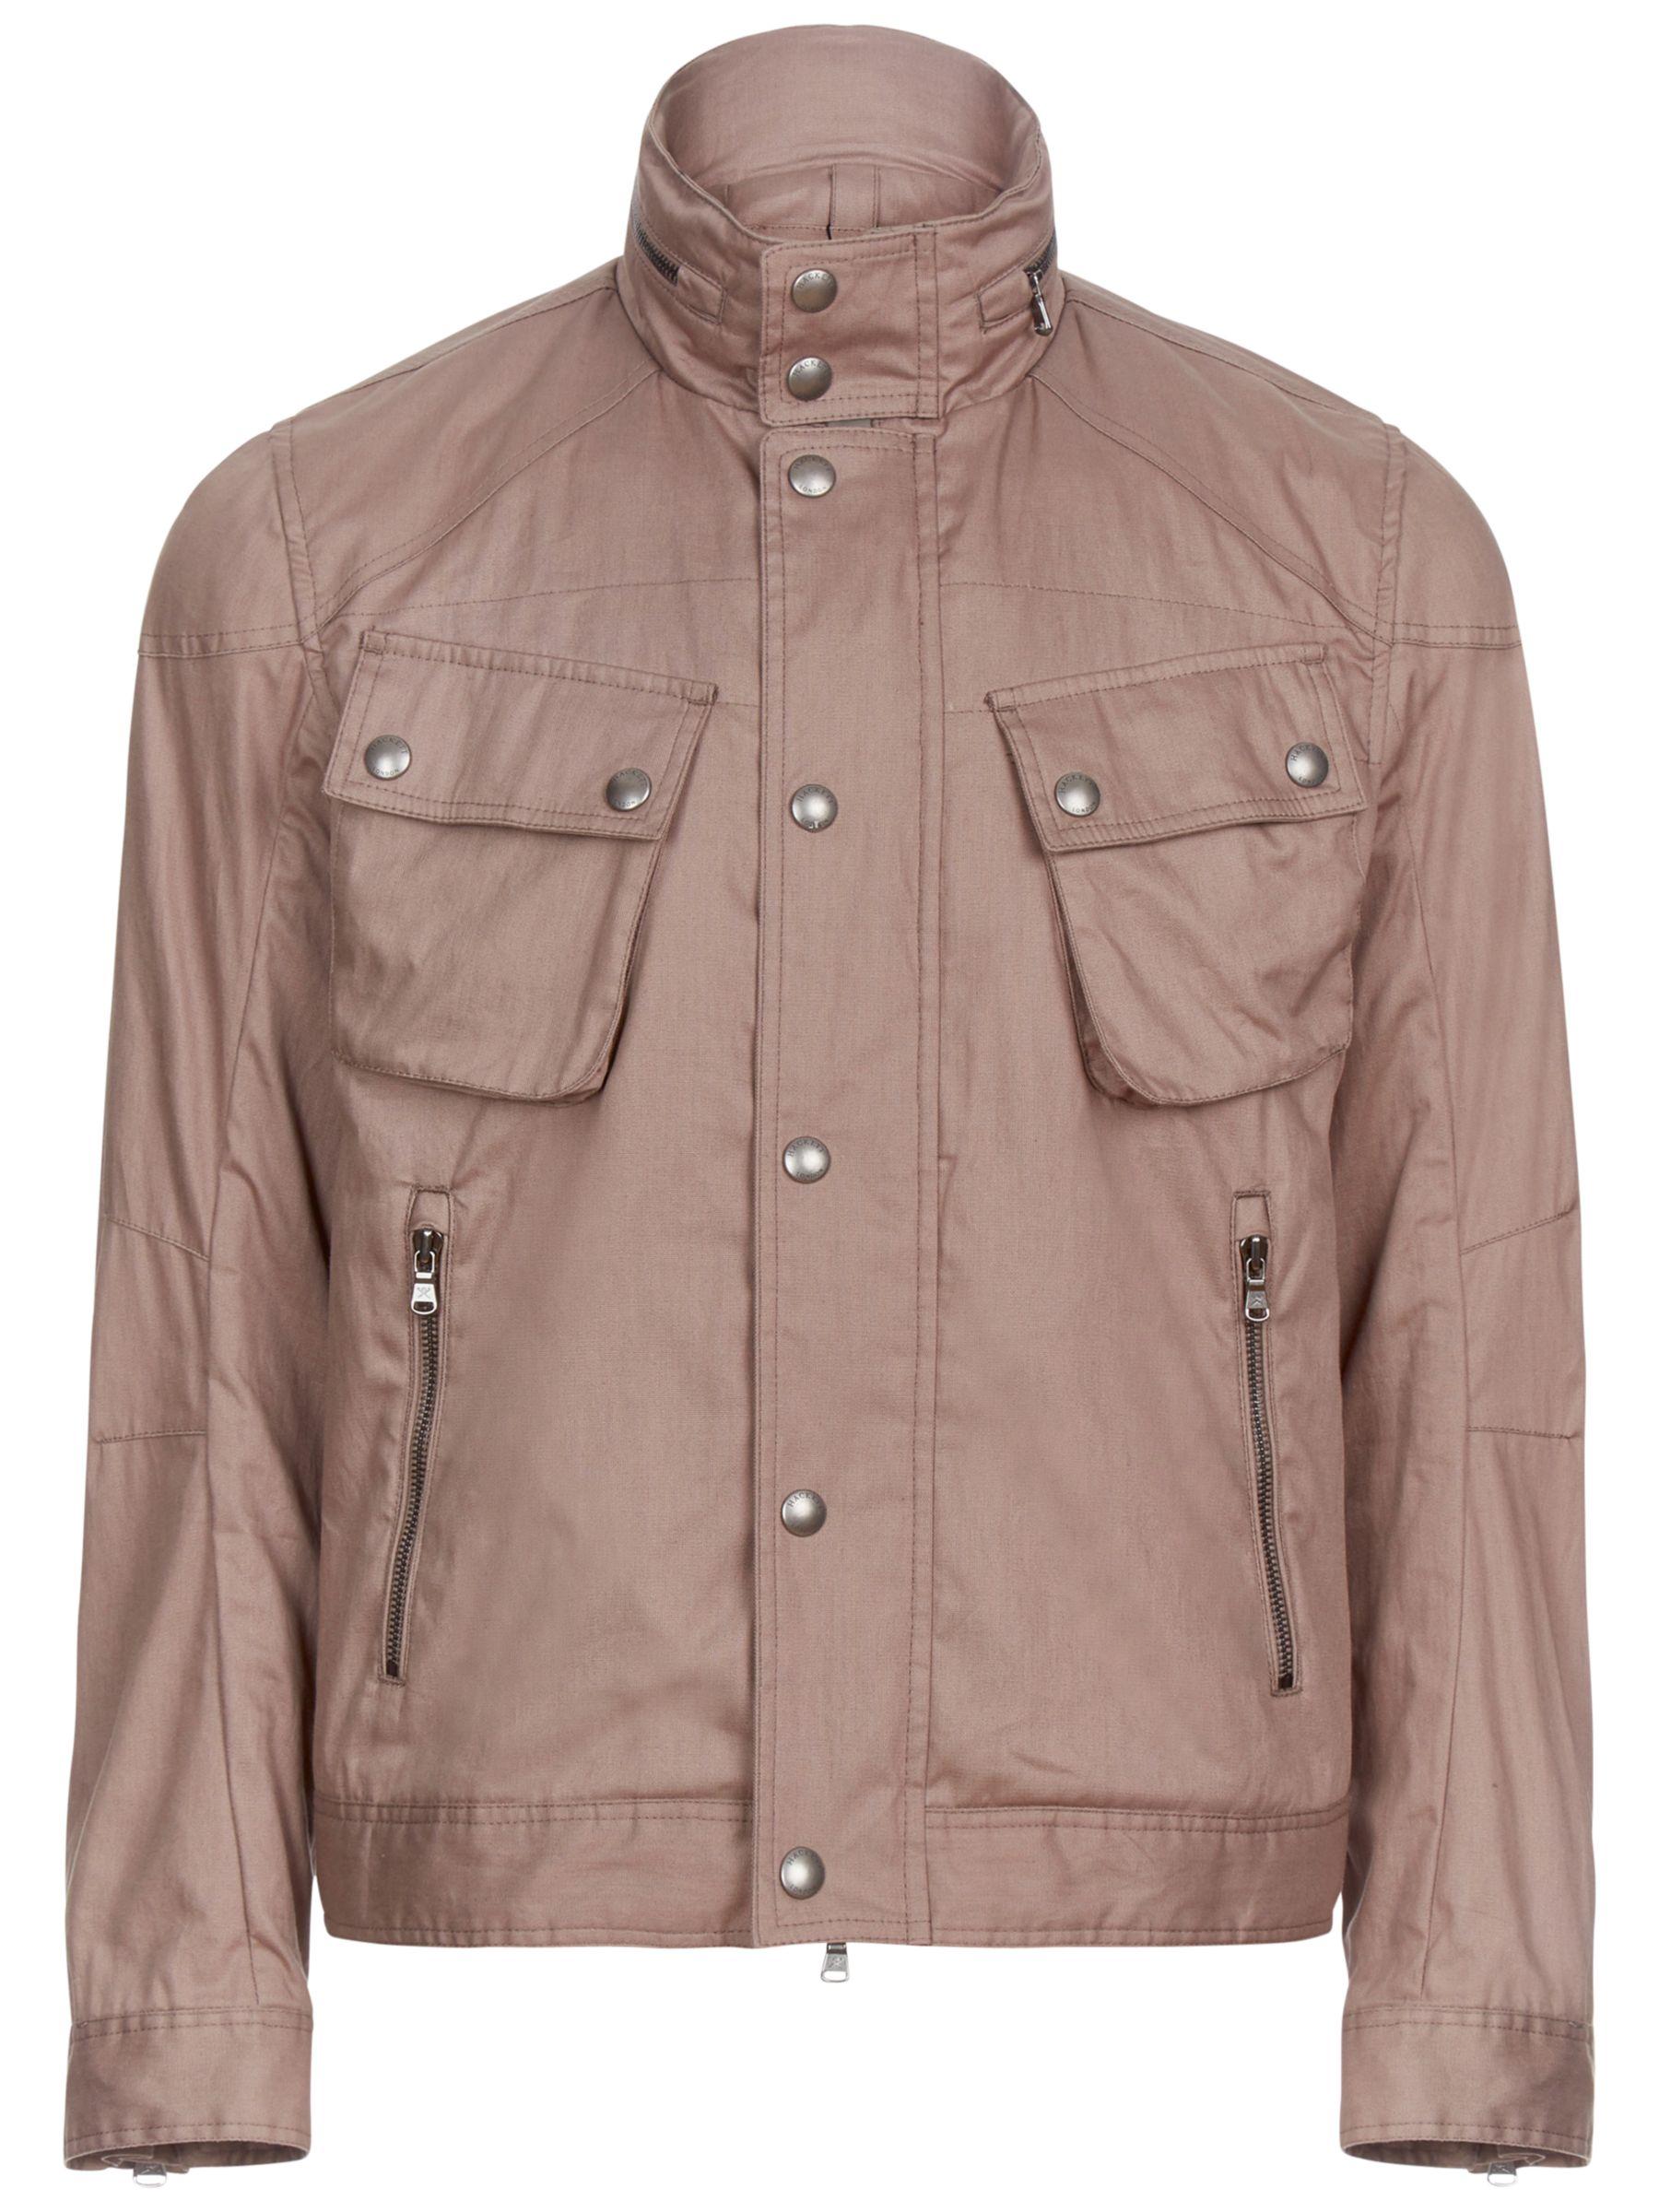 Hackett London Hackett London Short Velo Jacket, Brown